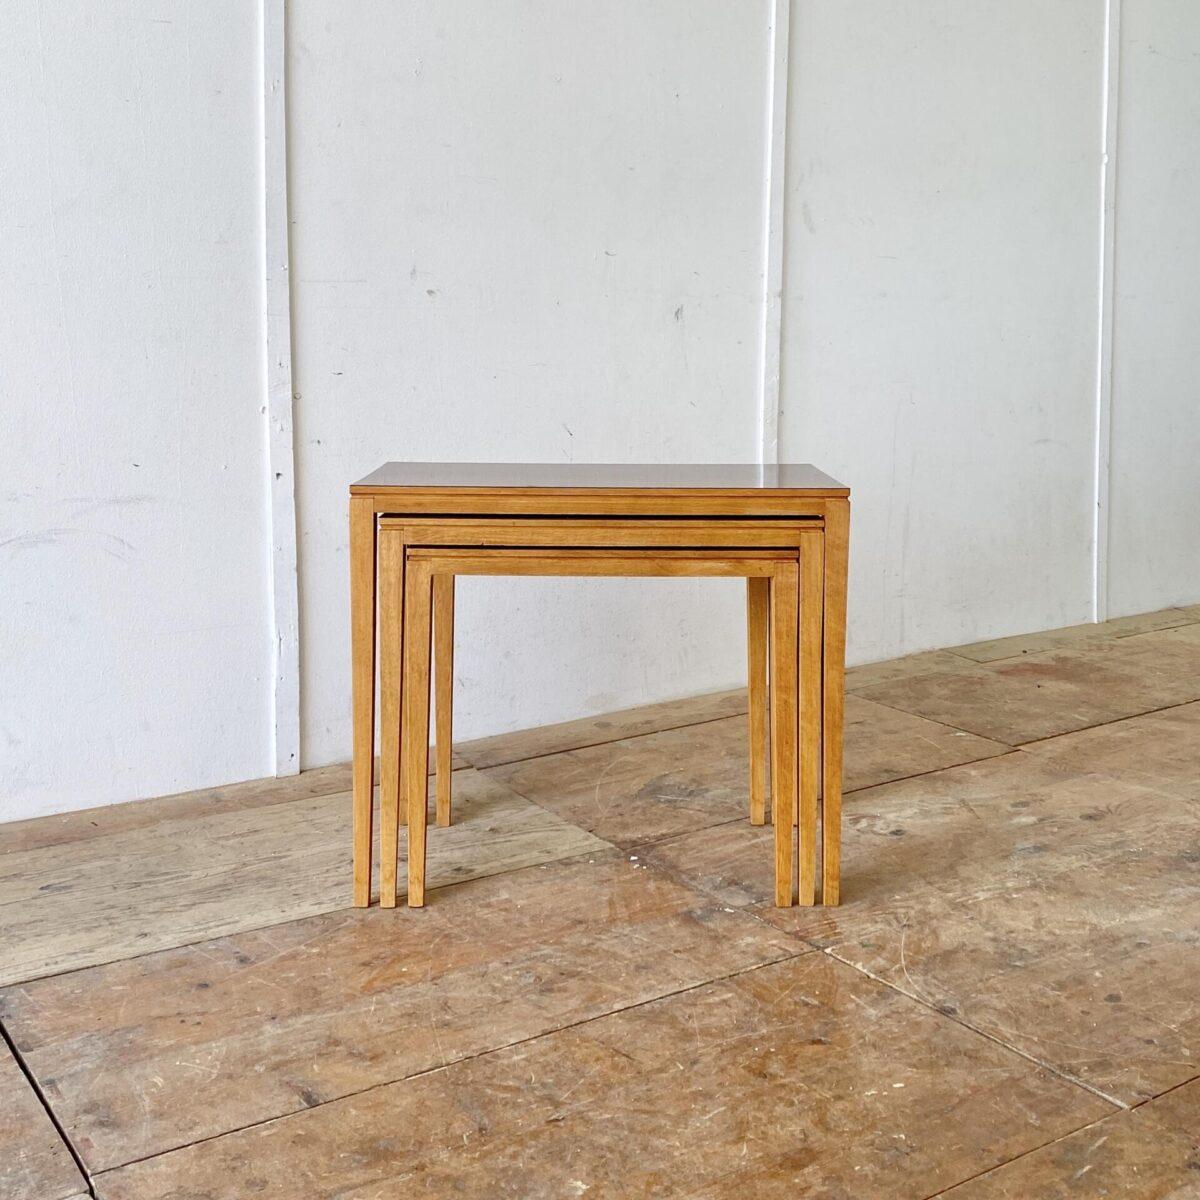 Deuxieme.shop vintage Feingliedrige Satztische. 75x40cm Höhe 63.5cm. Die wasserfeste Kunstharz Oberfläche bietet die ideale Grundlage für Pflanzentöpfe. Aber auch passend als Salontisch, Beistelltisch oder Nachttisch.